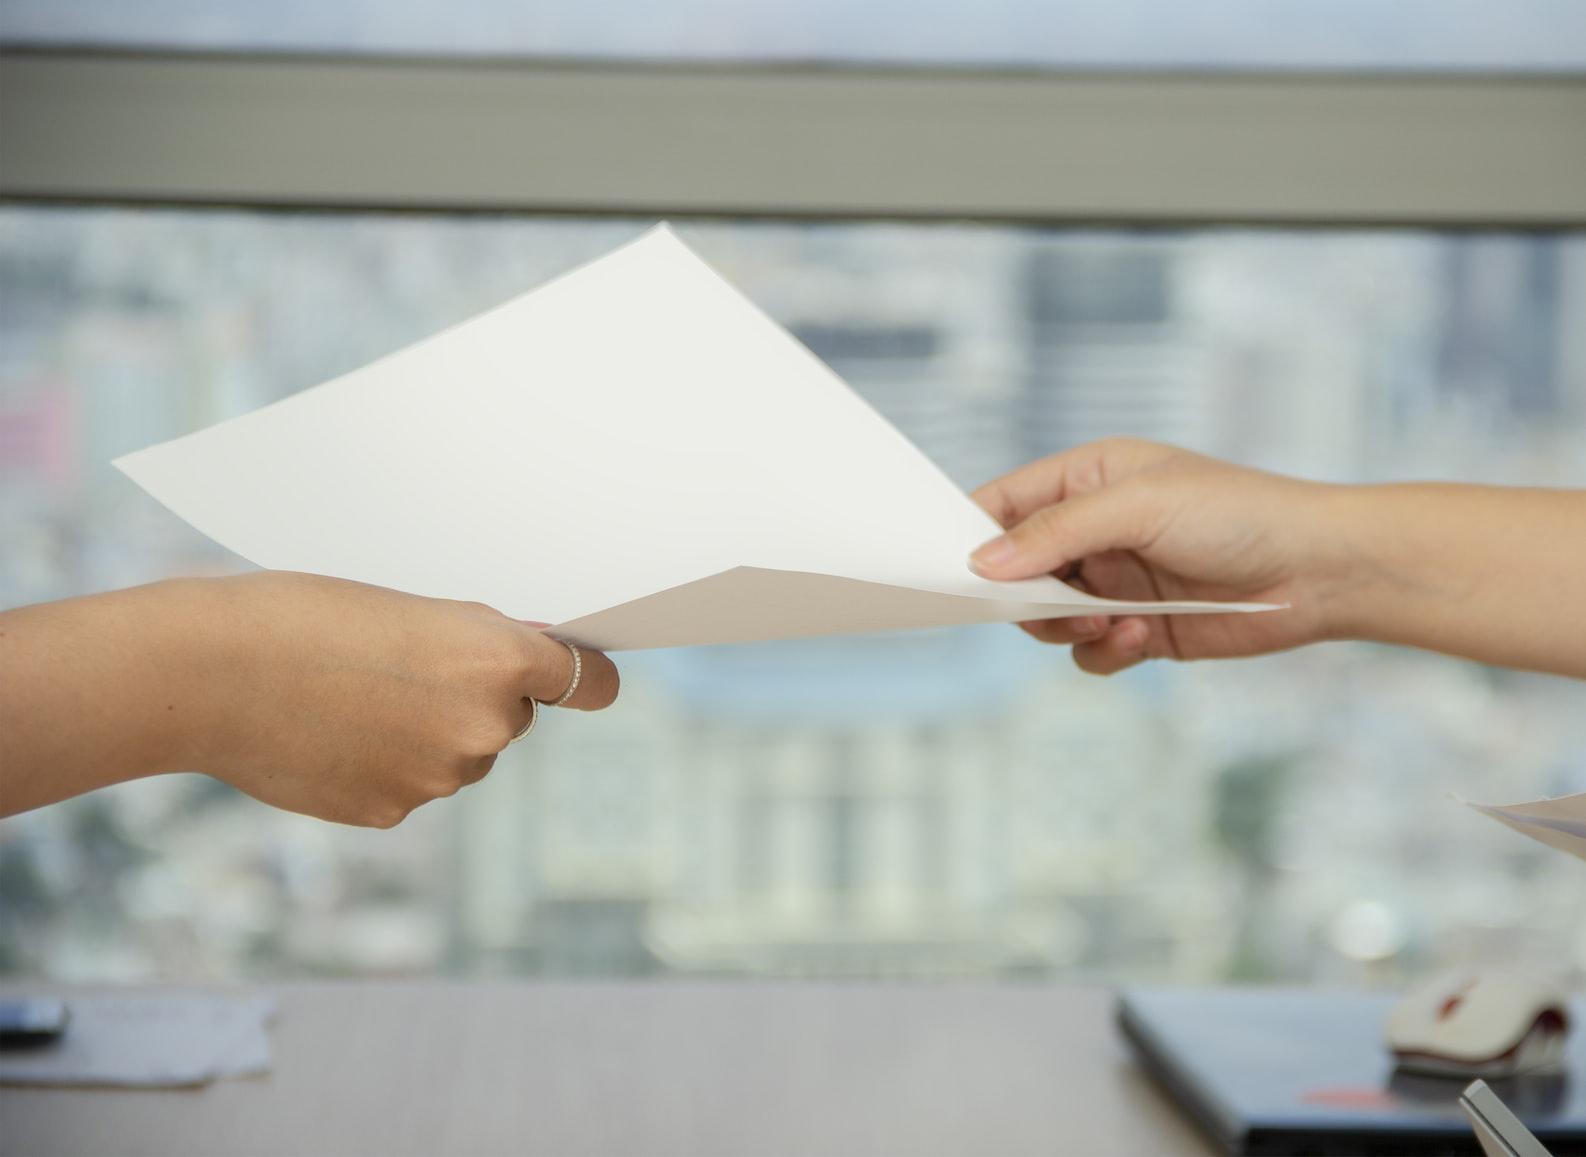 Vogliamo essere partner fantastici per i nostri clienti e le loro ambiziose idee